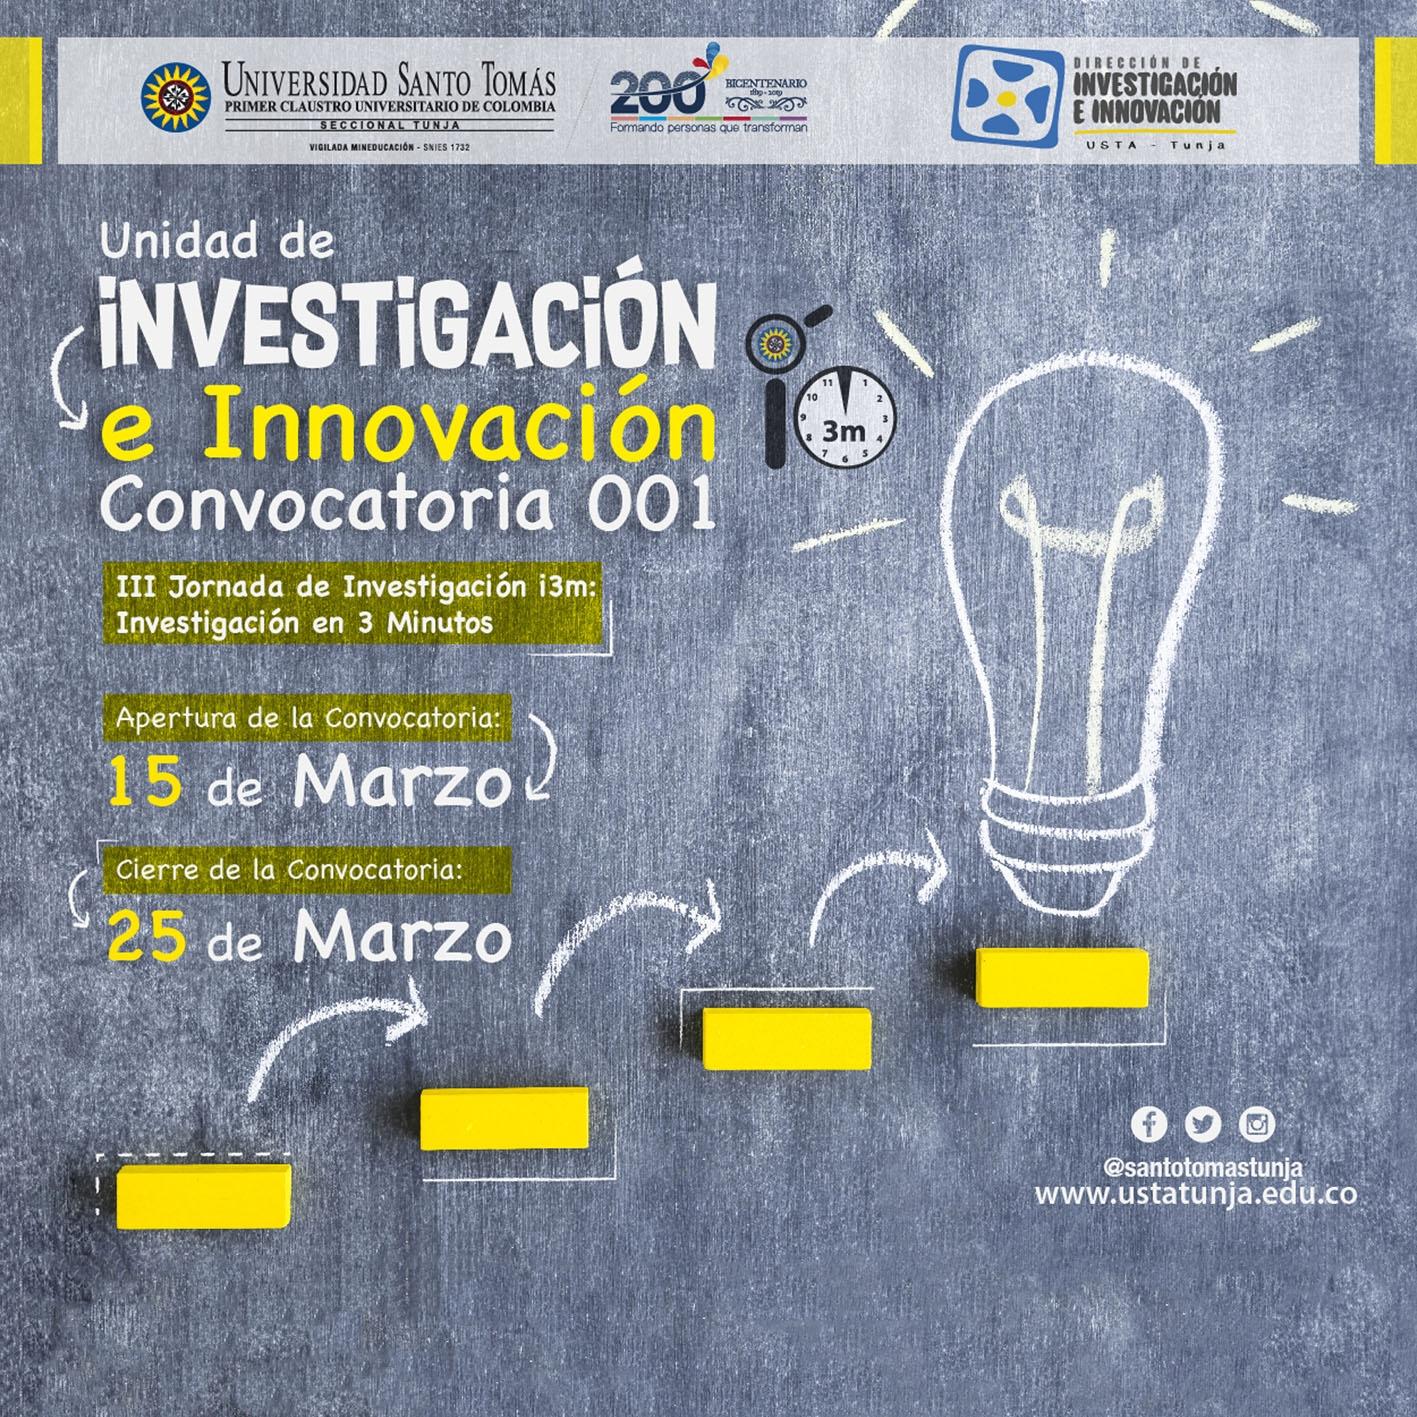 III Jornada de Investigación i3m: Investigación en 3 Minutos